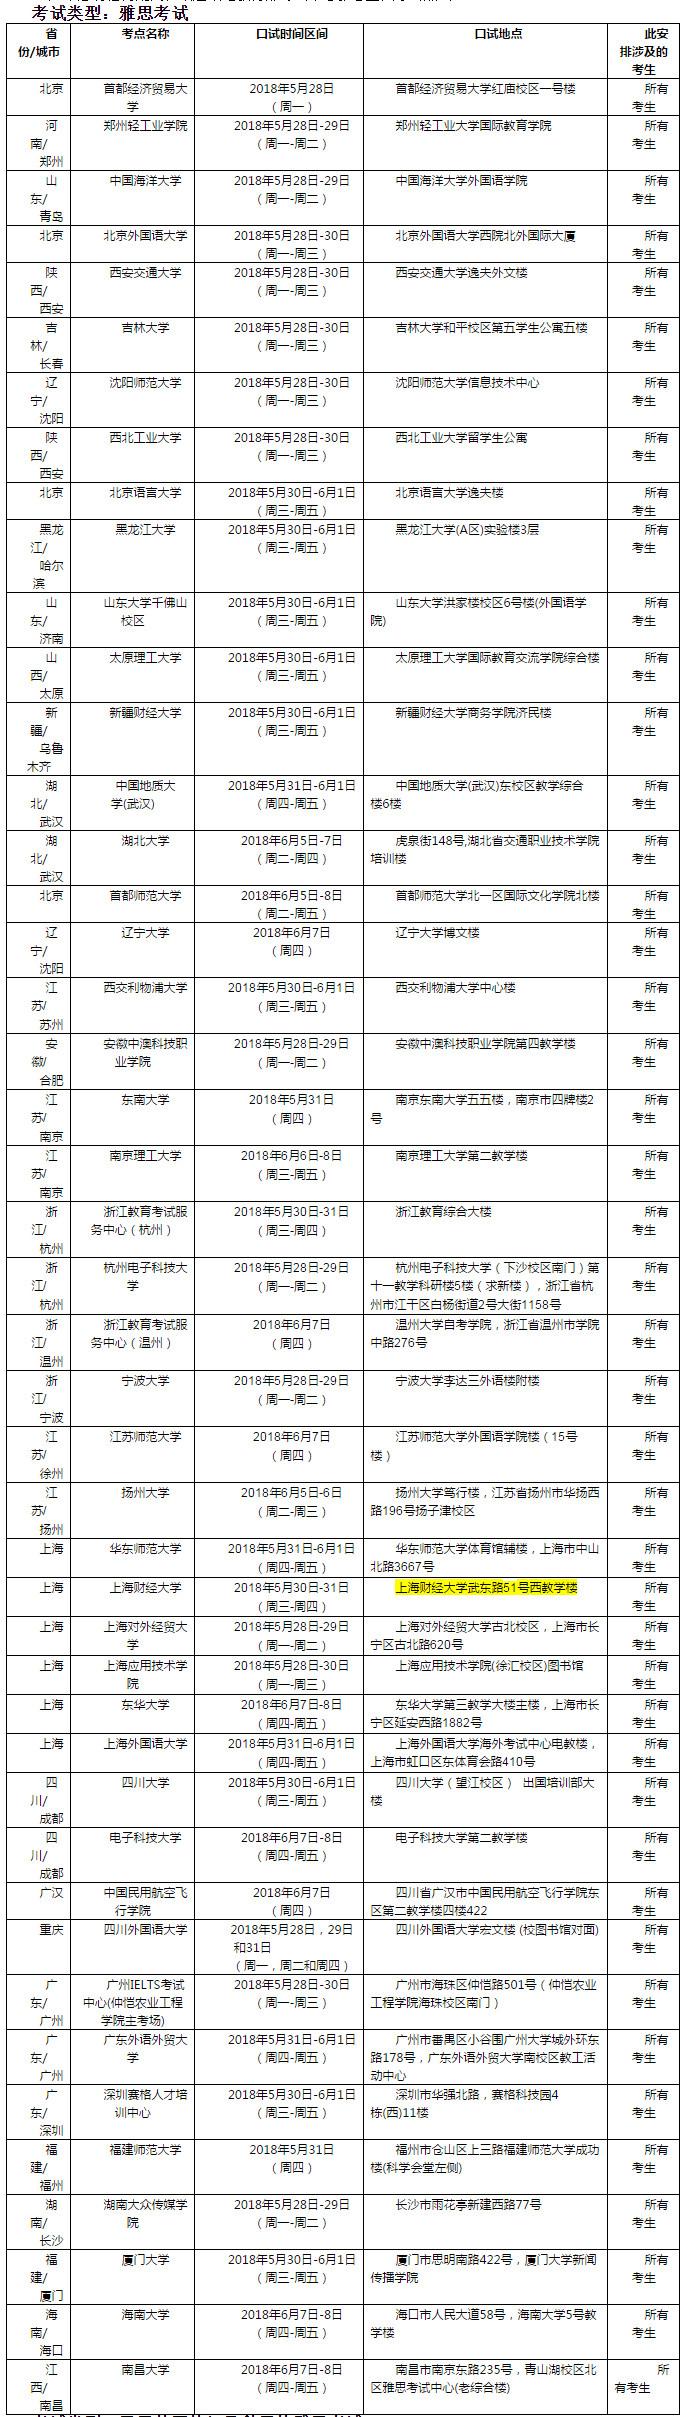 2018年6月2日雅思口语考试安排